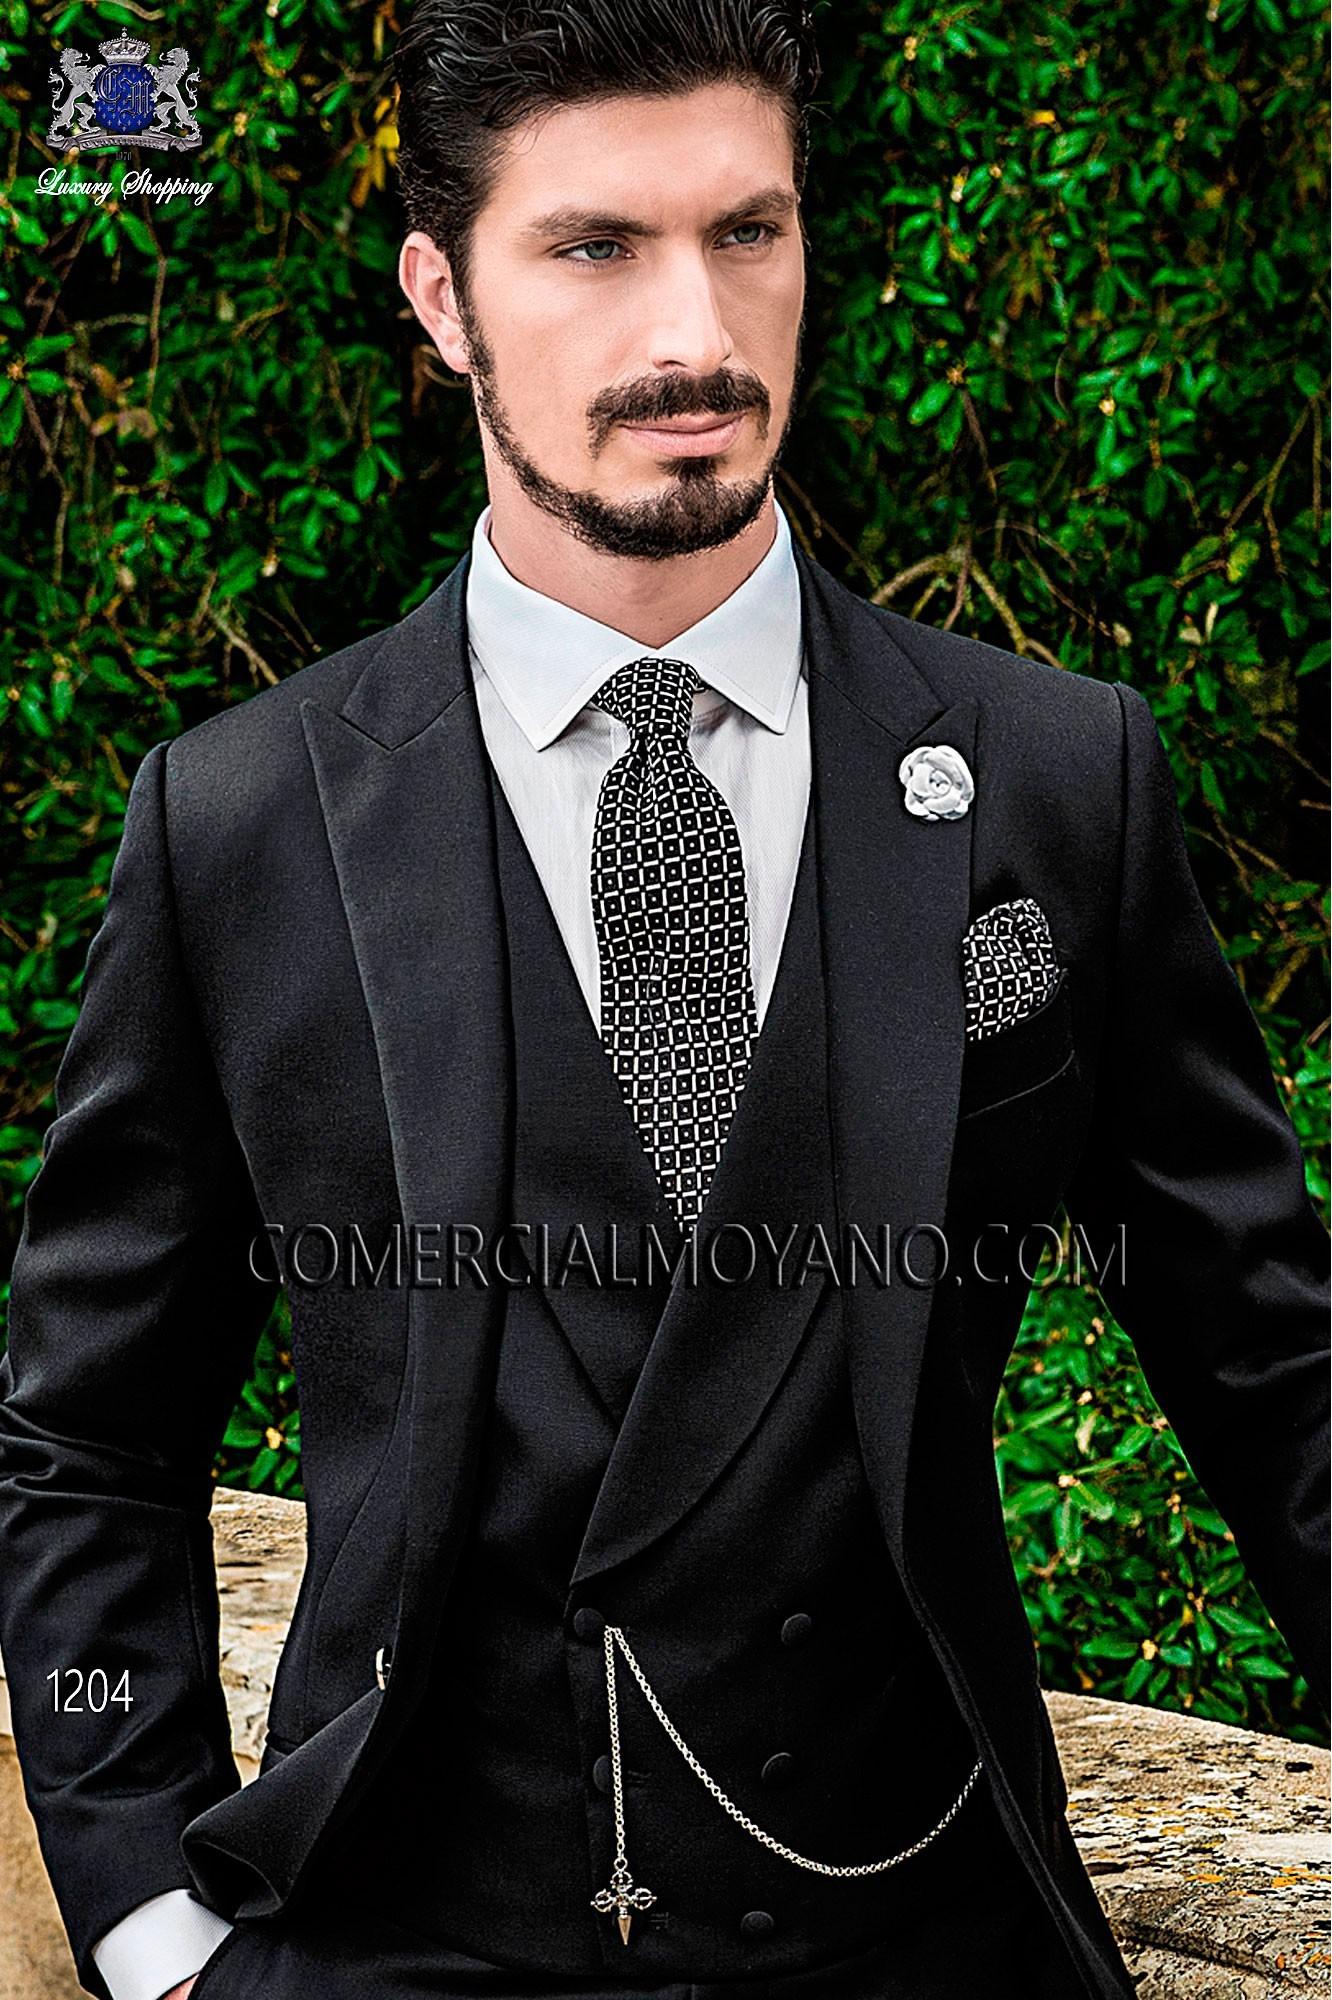 Traje Gentleman de novio negro modelo: 1204 Ottavio Nuccio Gala colección Gentleman